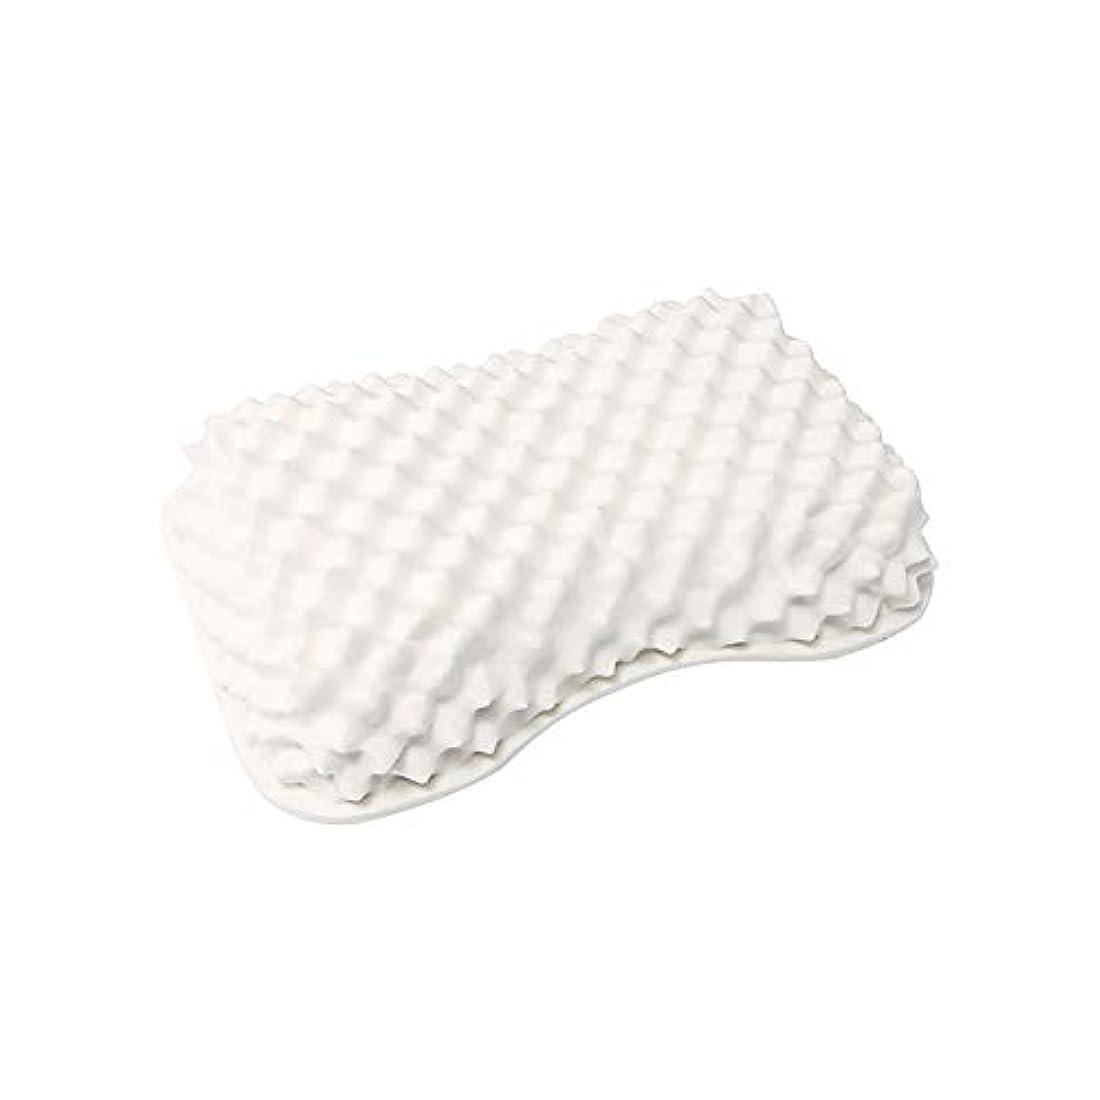 ディスク役員ペニー高反発枕ラテックス枕, 天然ラテックス枕 安眠枕 ダニ防止 いびき防止 頸部の痛みを和らげる 通気性抜群